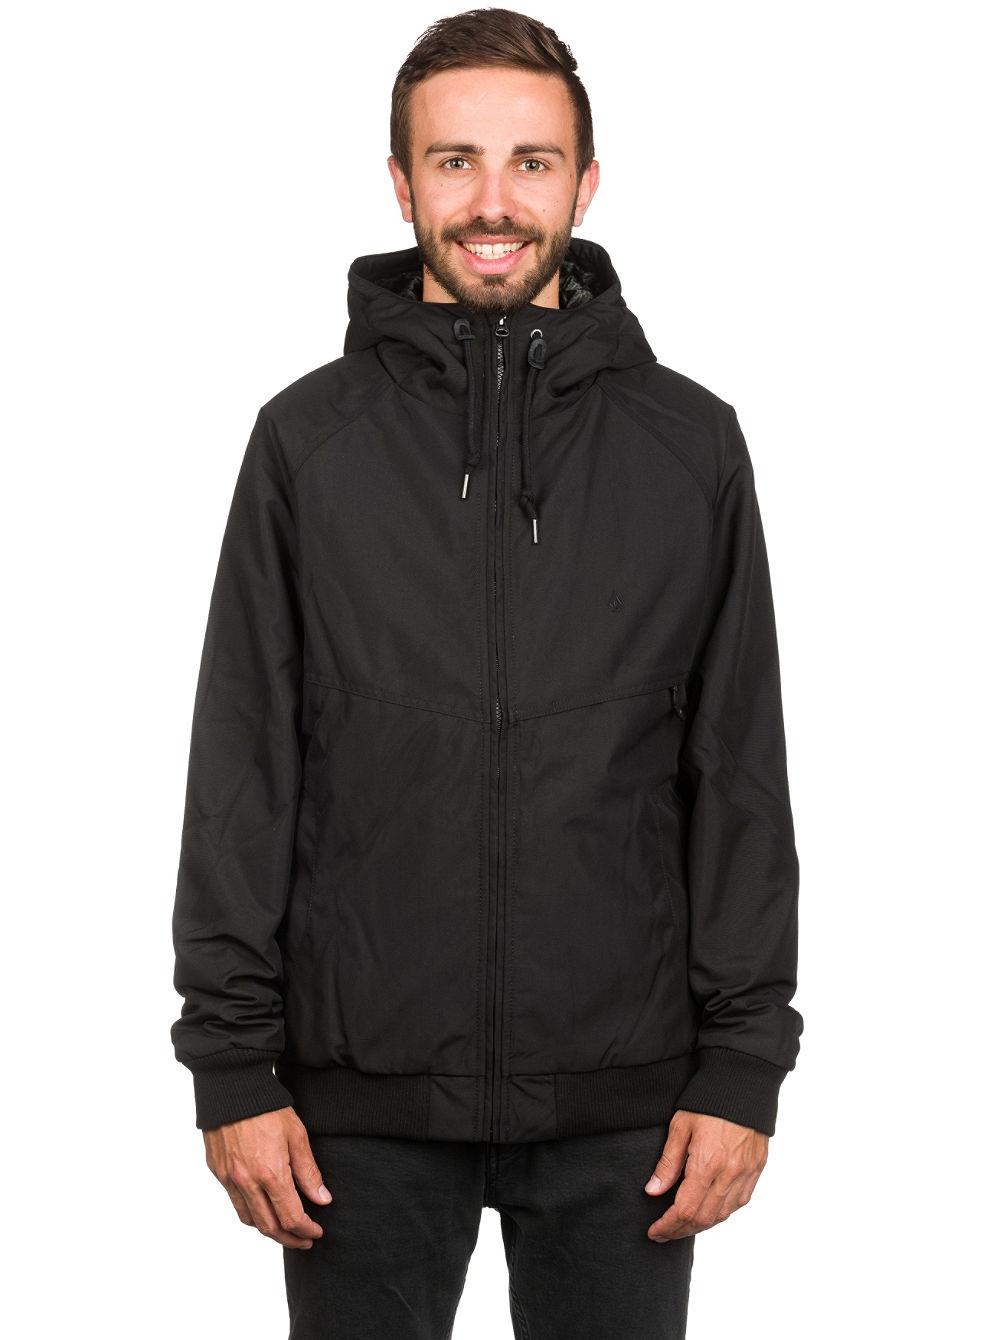 volcom-hernan-update-jacket